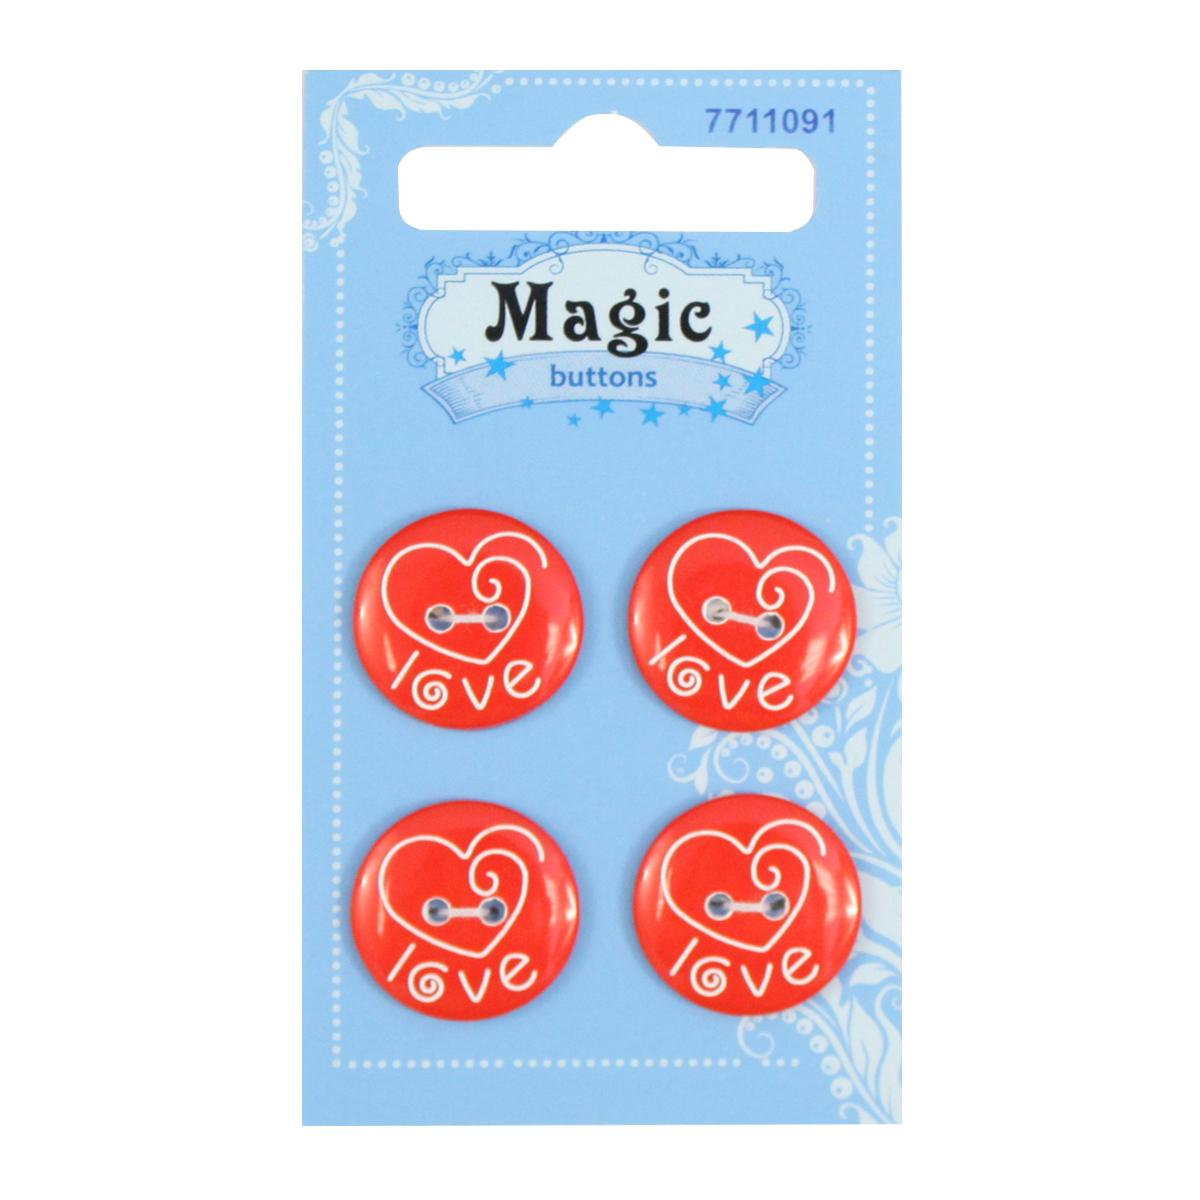 Пуговицы декоративные Magic Buttons Любовь, 4 шт7711091Яркие пуговицы бренда Magic Buttons восхищают разнообразием стилей и цветов. Они станут отличным дополнением в качестве завершающего штриха на одежде, кроме того их можно использовать в скрапбуинге, создавать с помощью них интересные открытки, подарочные конверты и многое, многое другое.